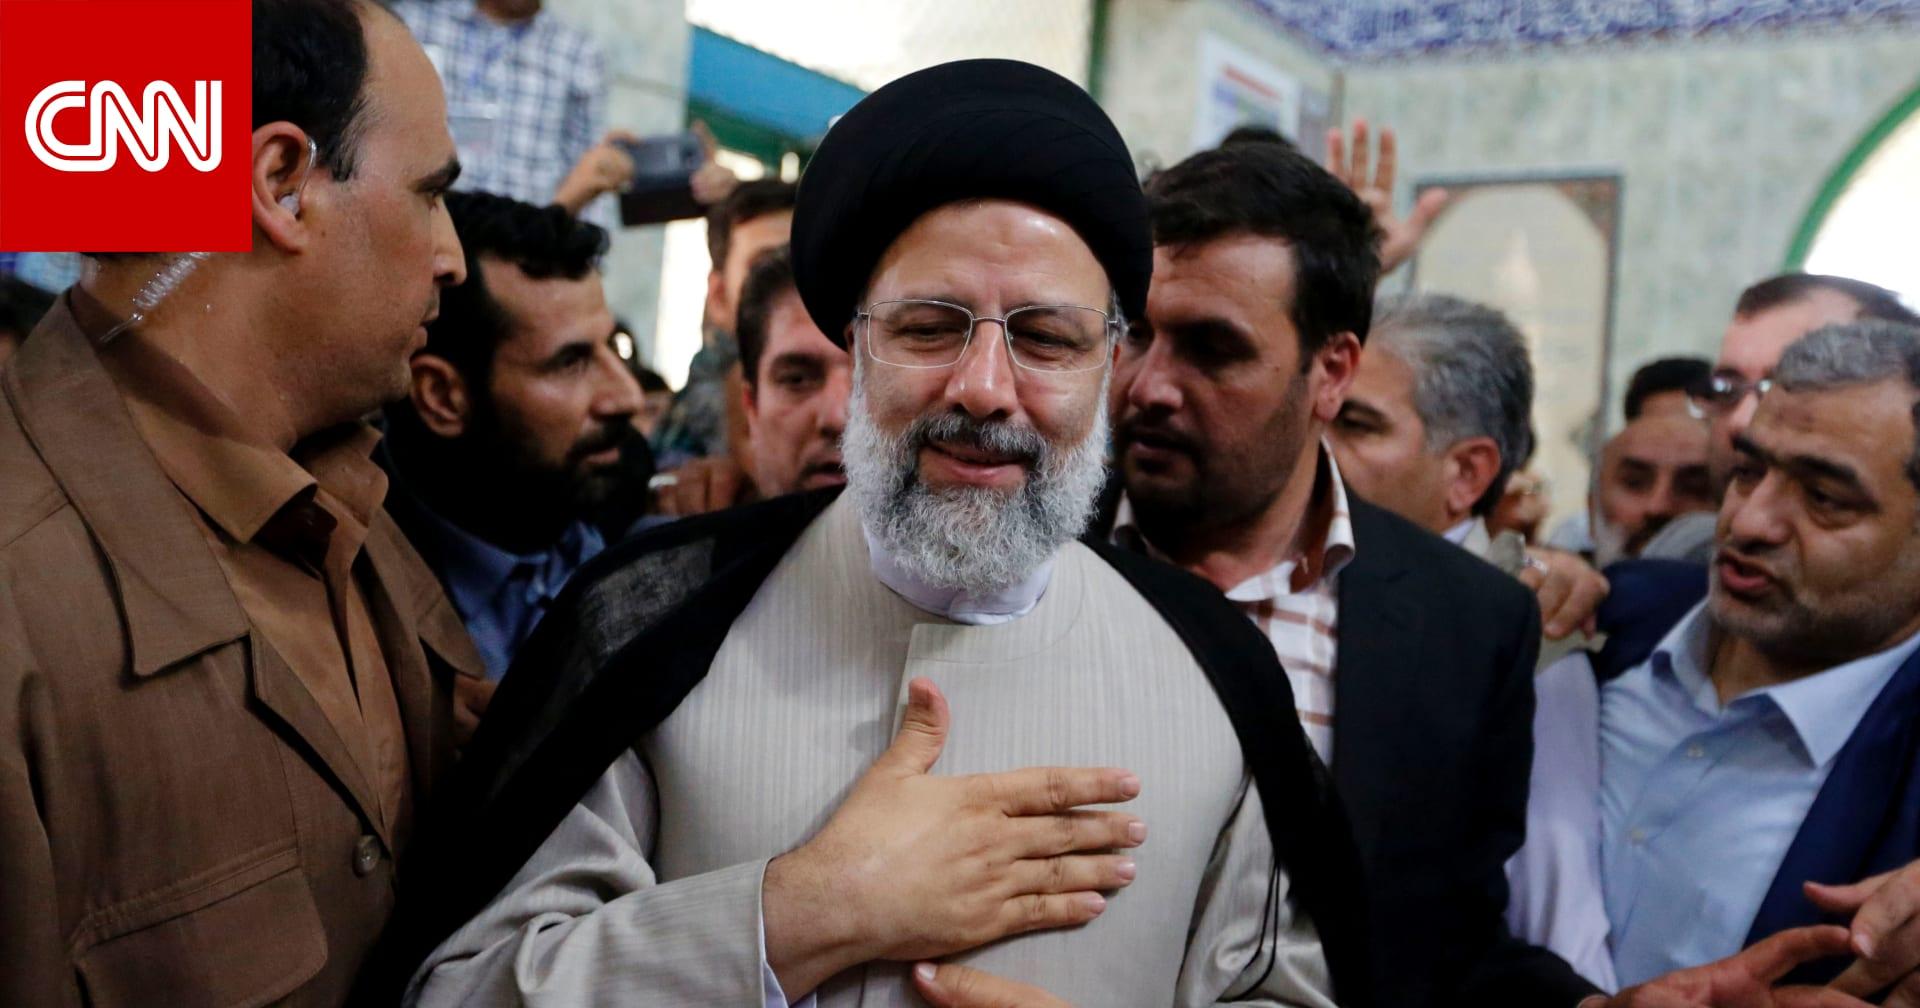 إبراهيم رئيسي يفوز بالانتخابات الرئاسية الإيرانية بعد فرز 90% من الأصوات